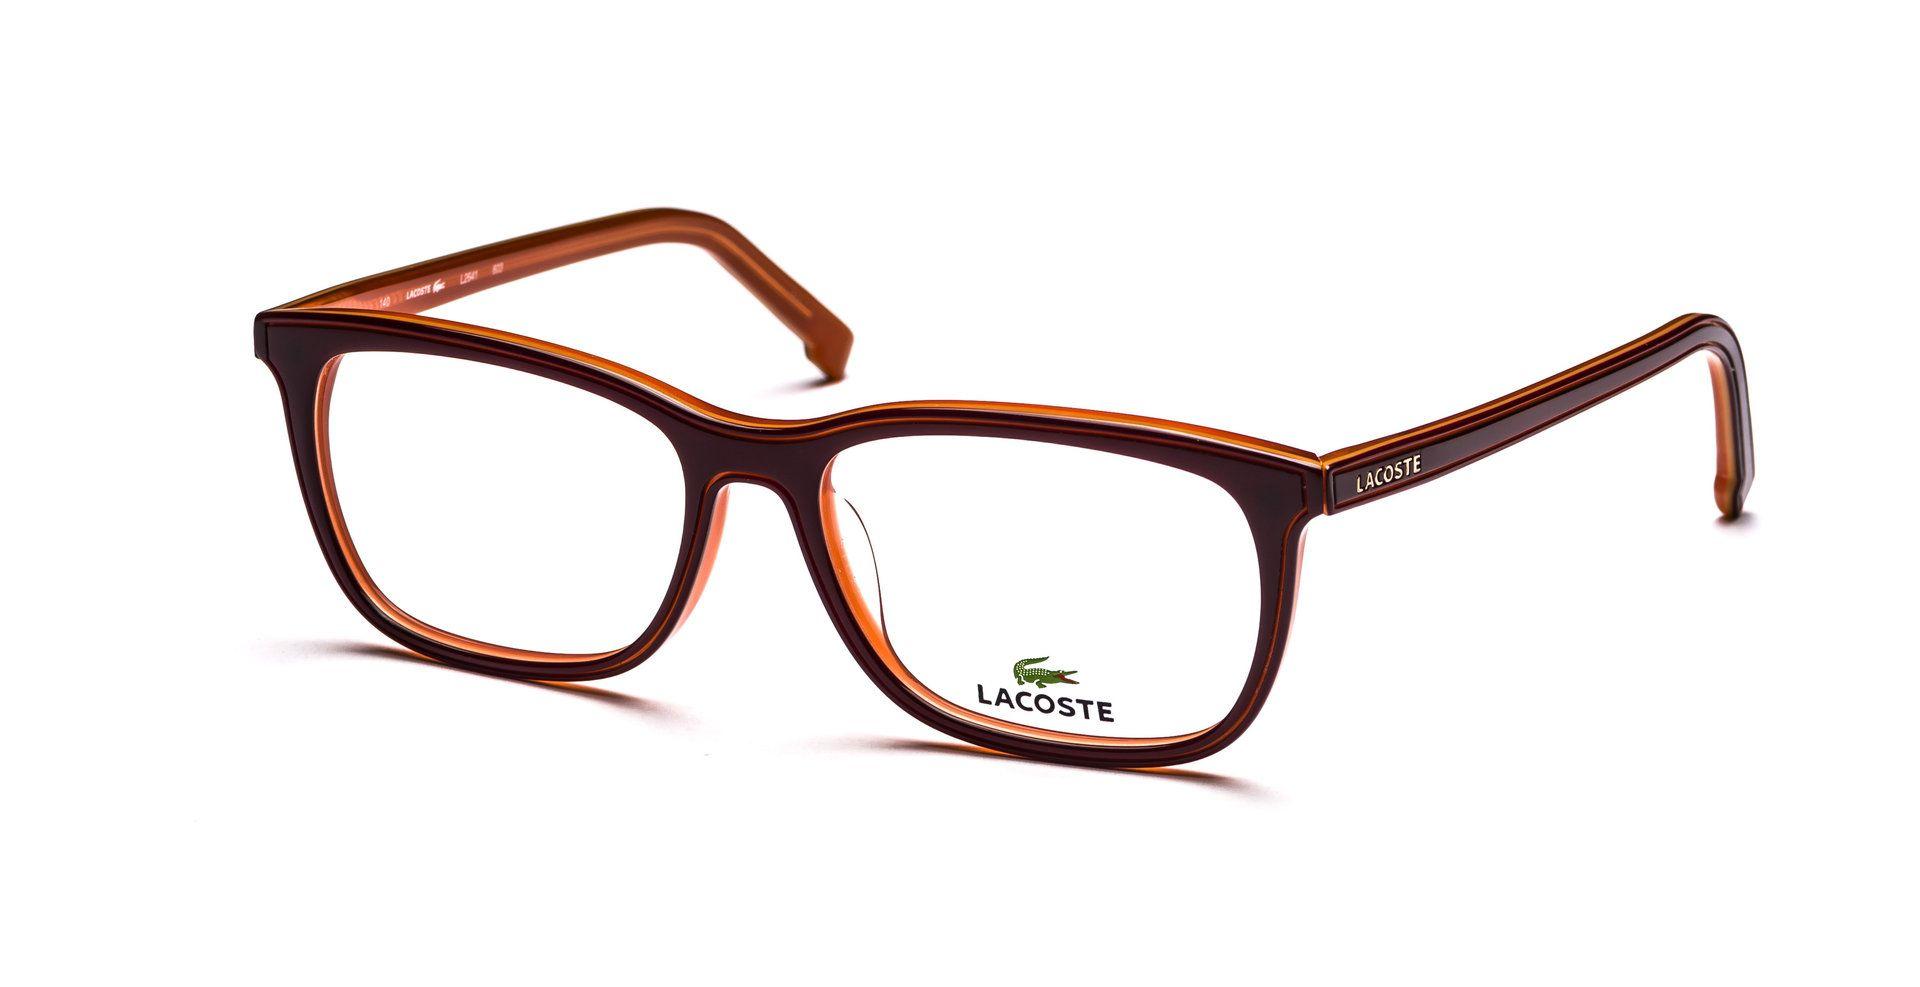 Lacoste Glasses   Bordeaux/Orange